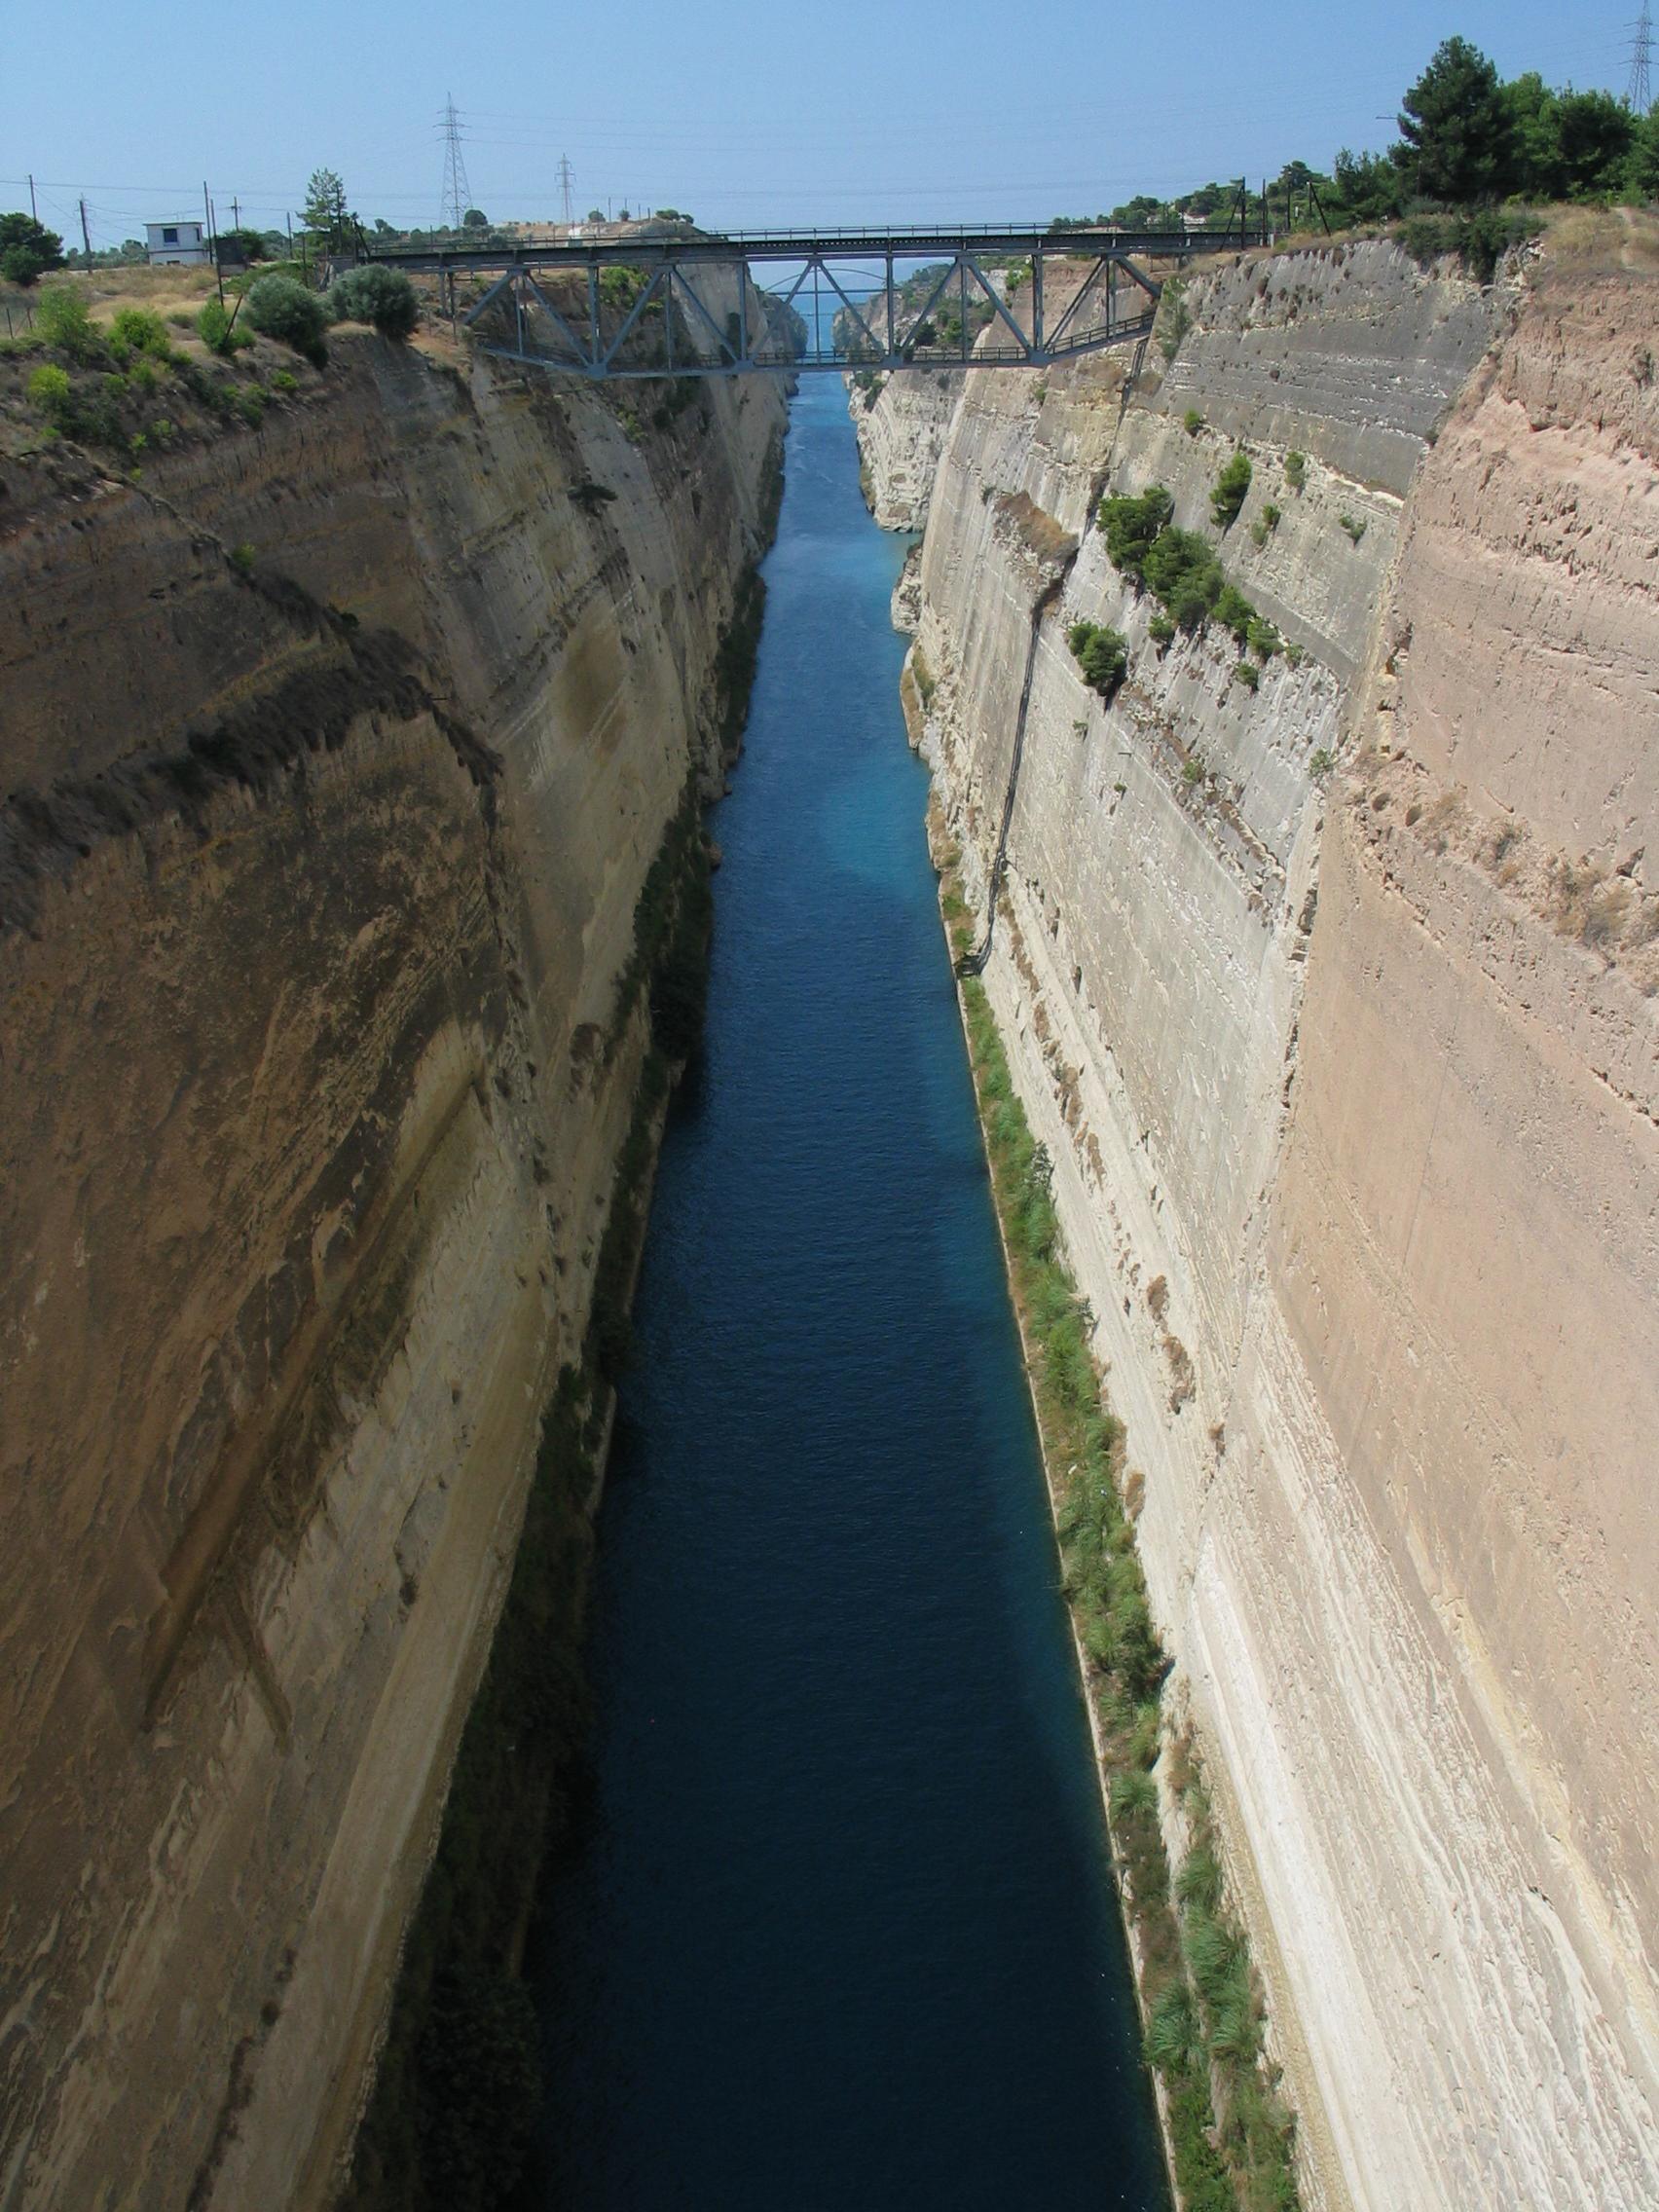 File:Corinth Canal 2.jpg - Wikipedia